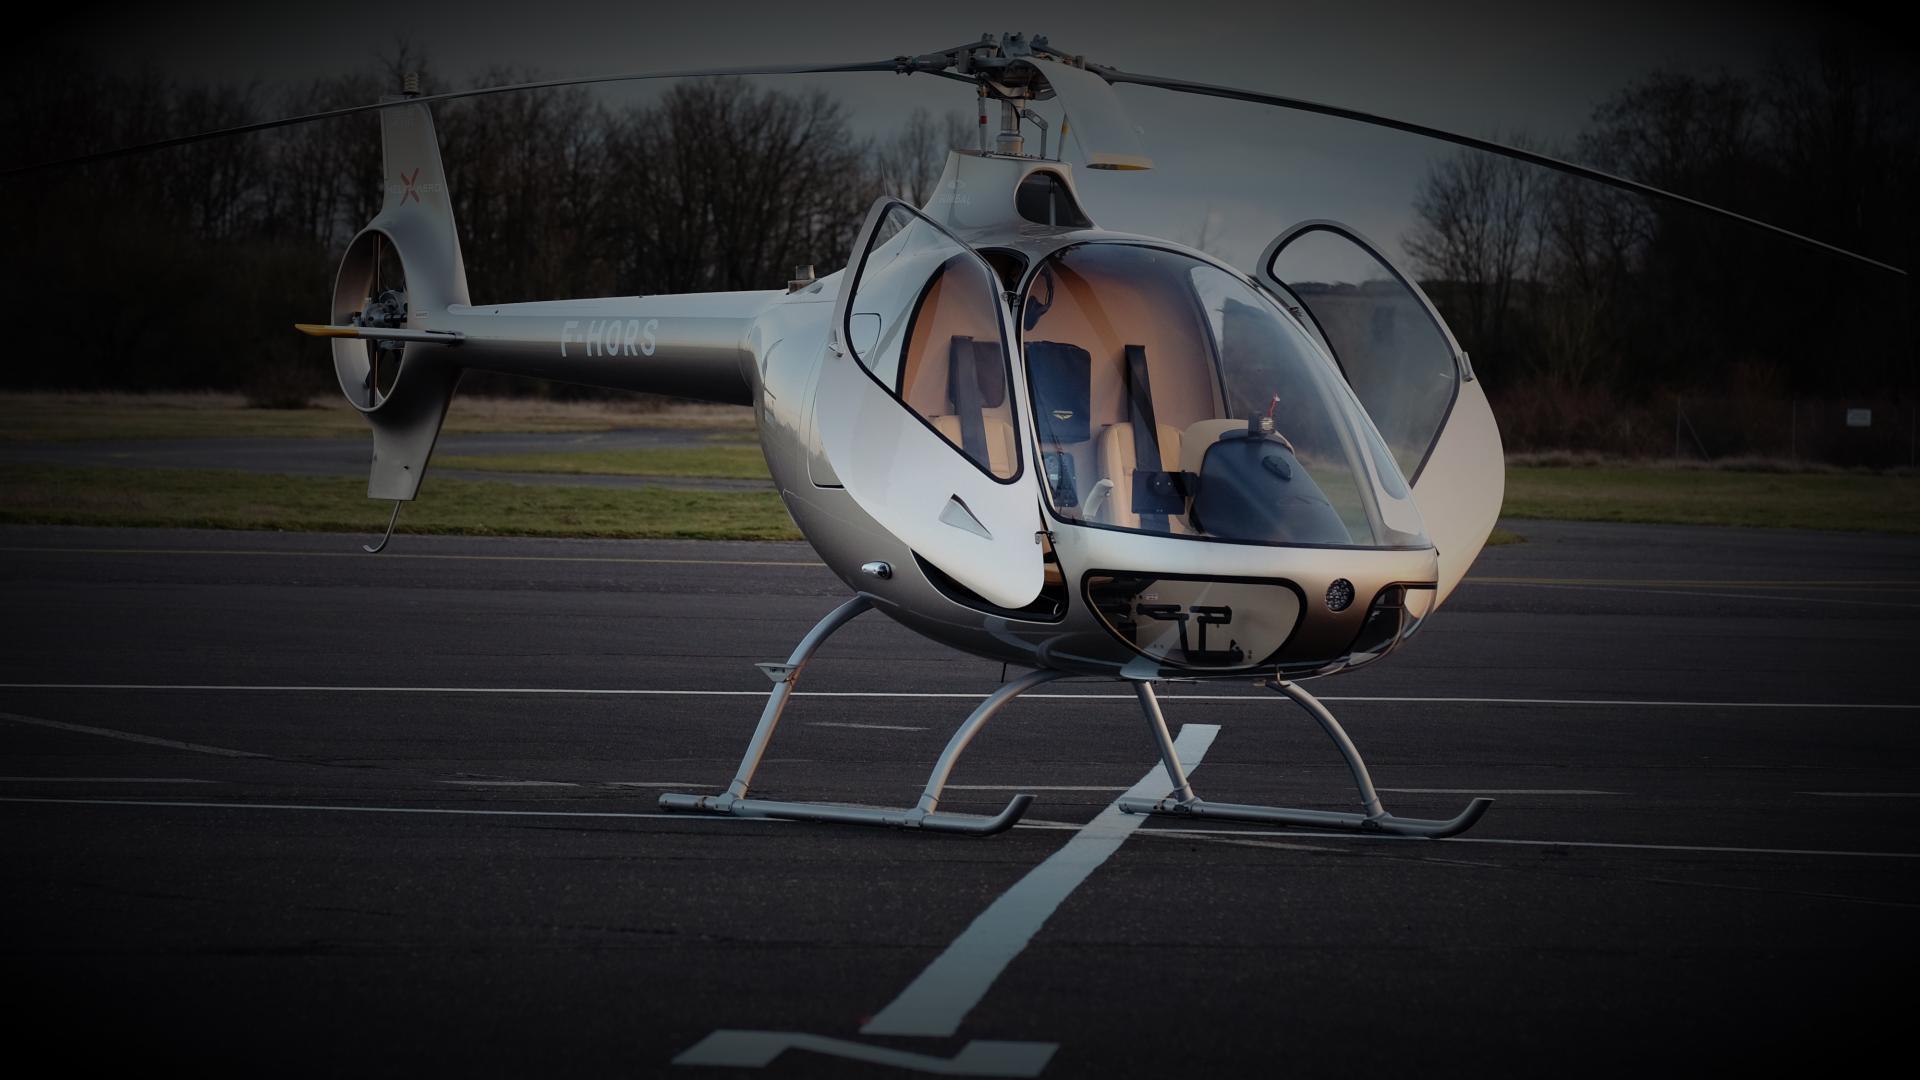 Hélicoptère Cabri G2 - Anti foudre